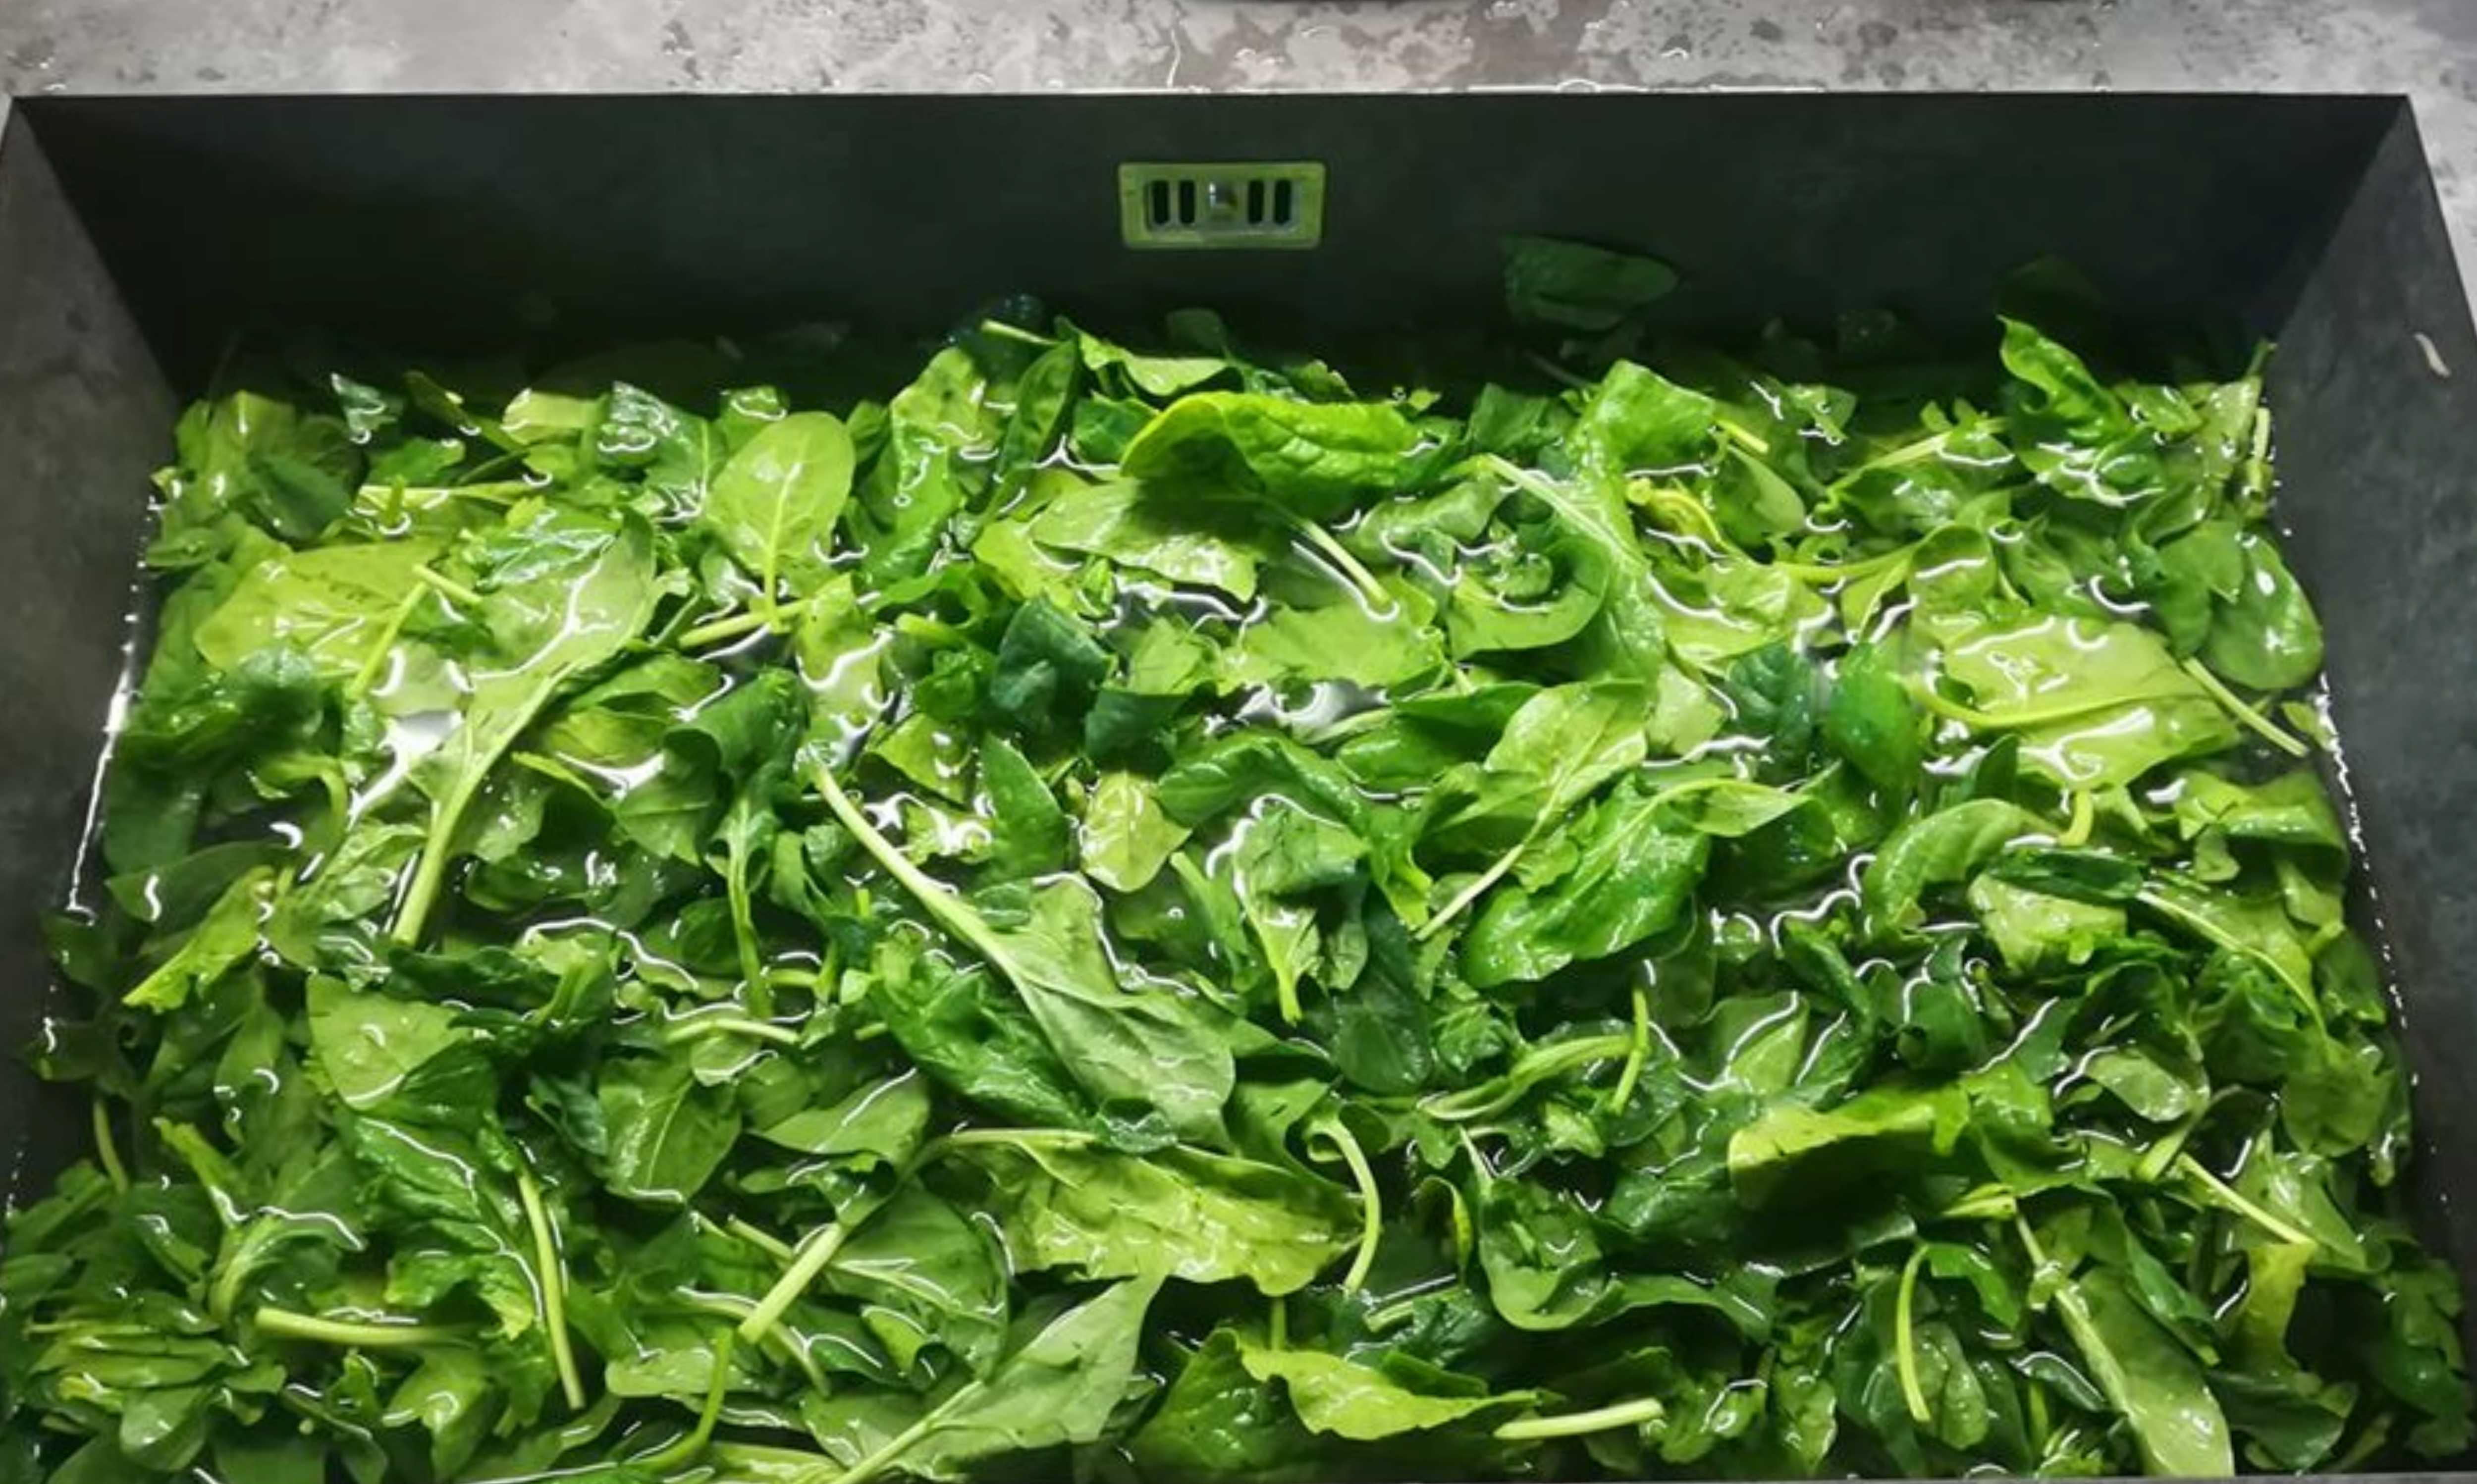 Meglio gli spinaci freschi! Perché?